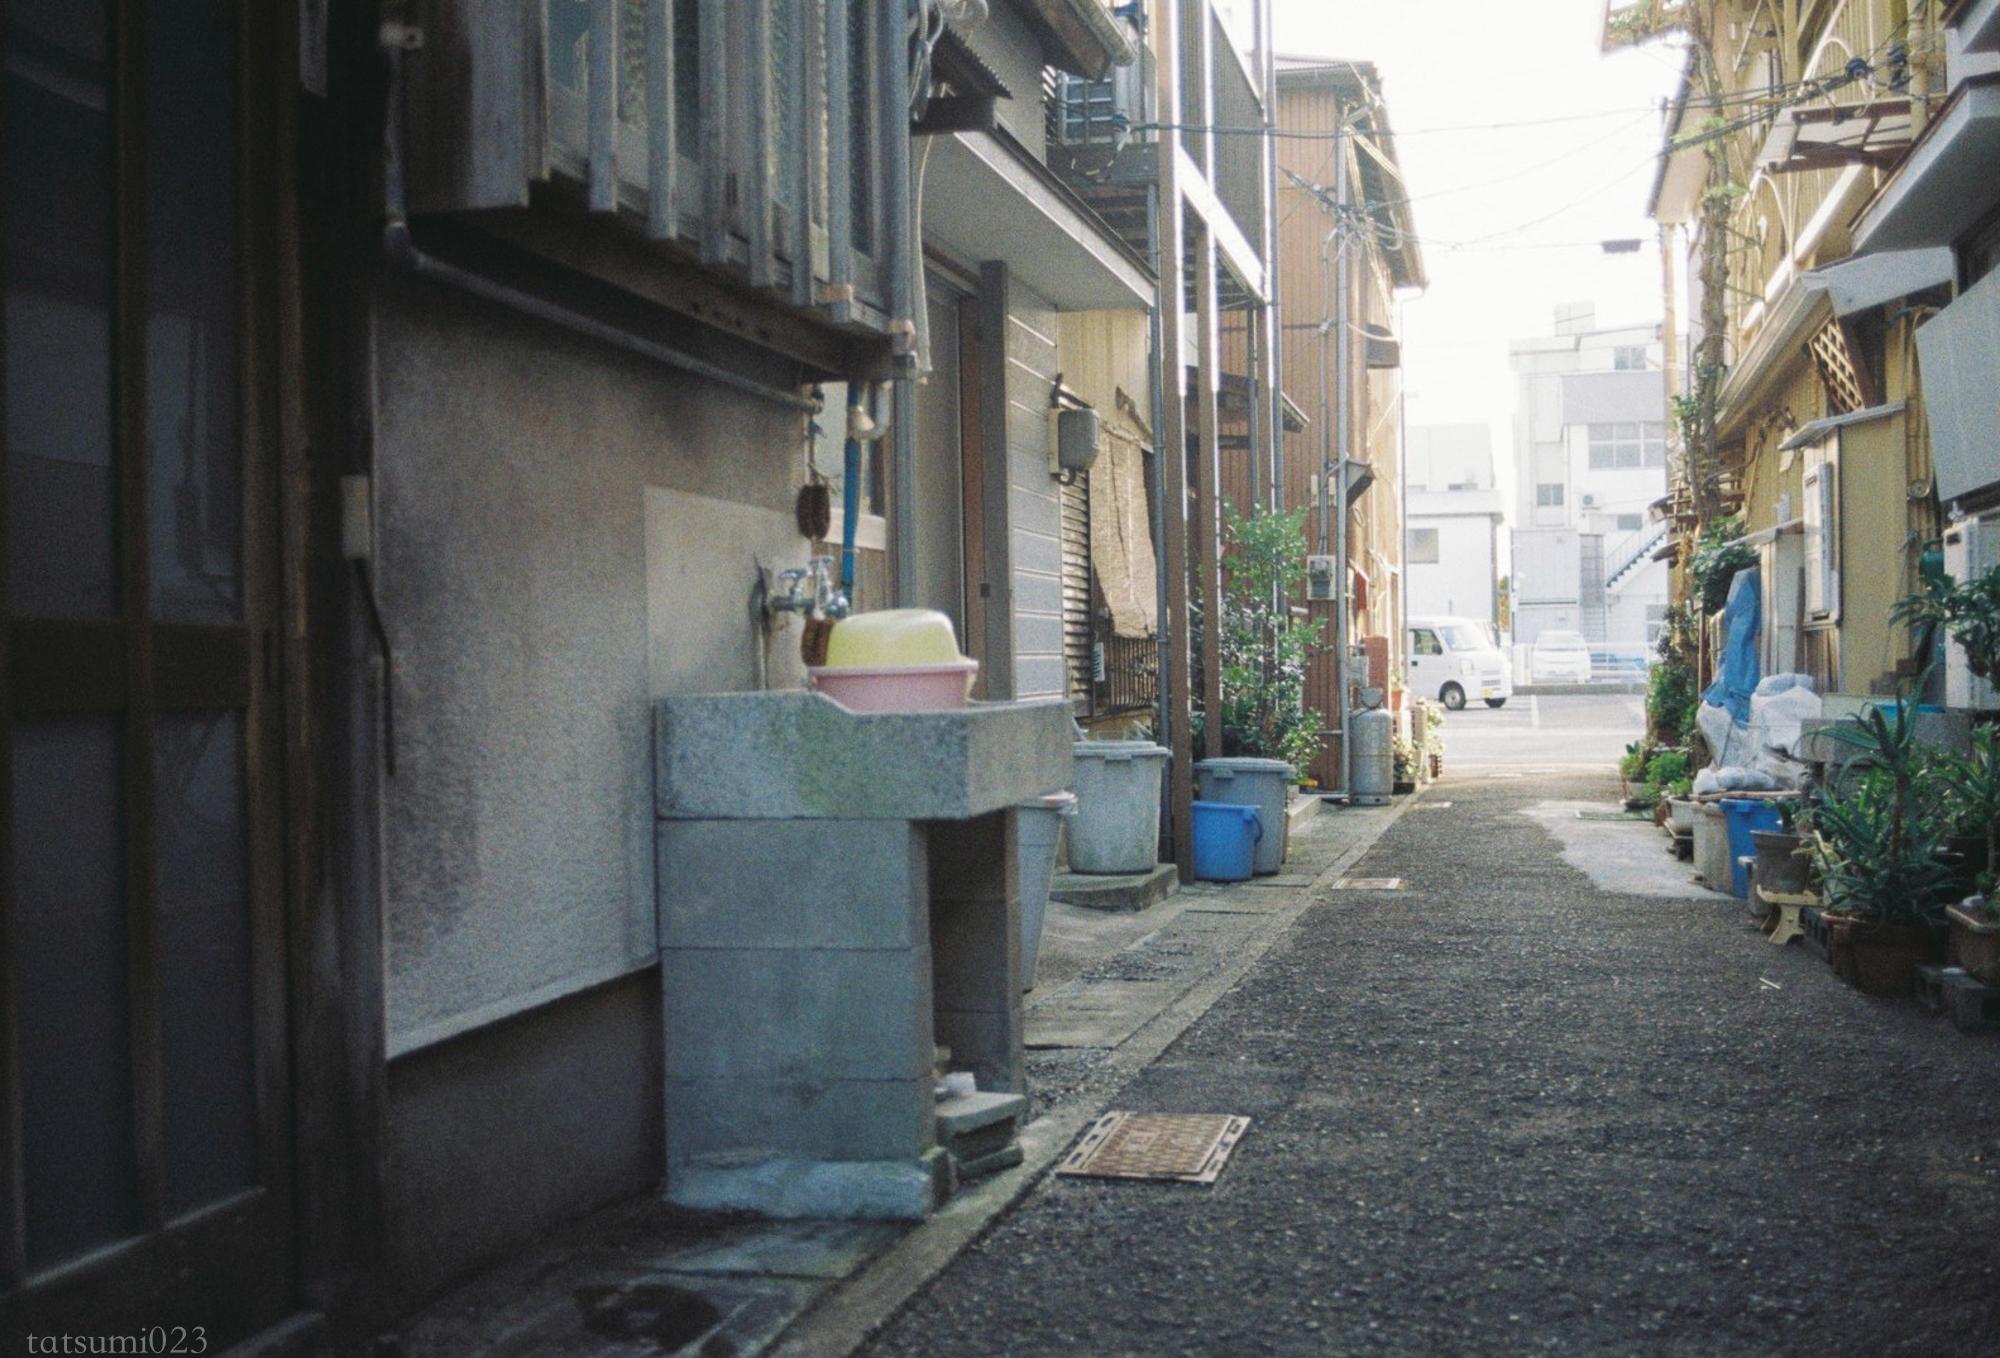 f:id:tatsumi023:20190114140751j:plain